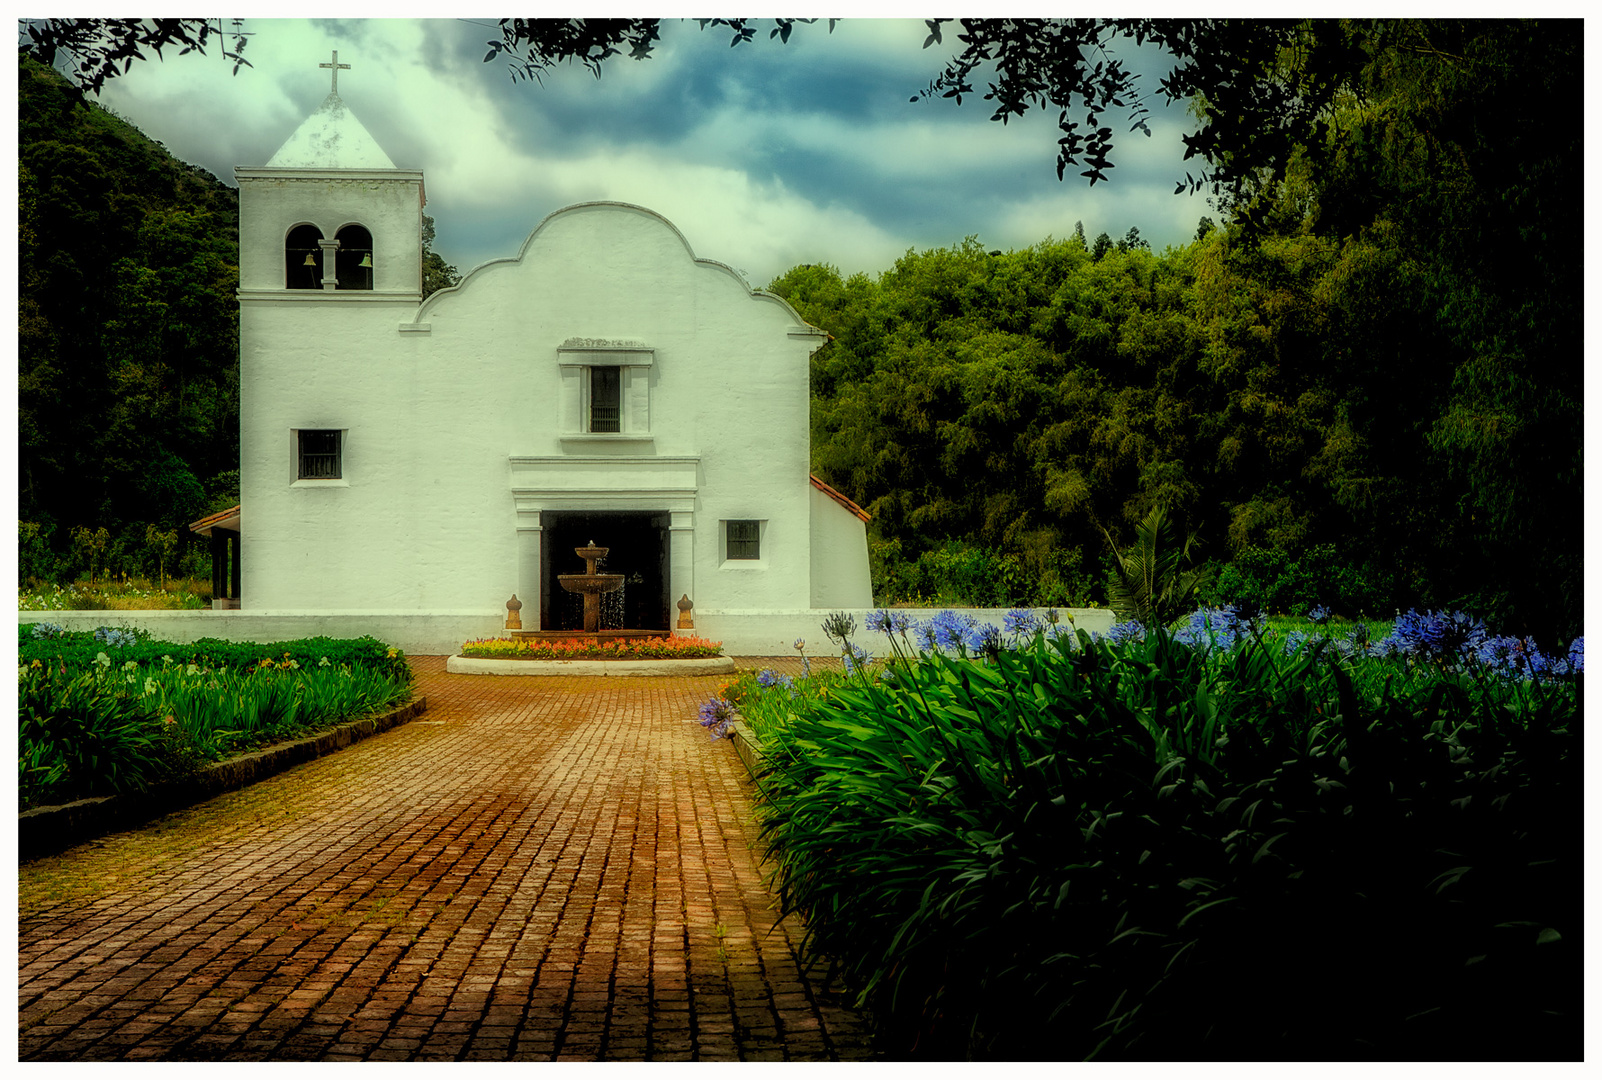 Iglesia Santa Margarita